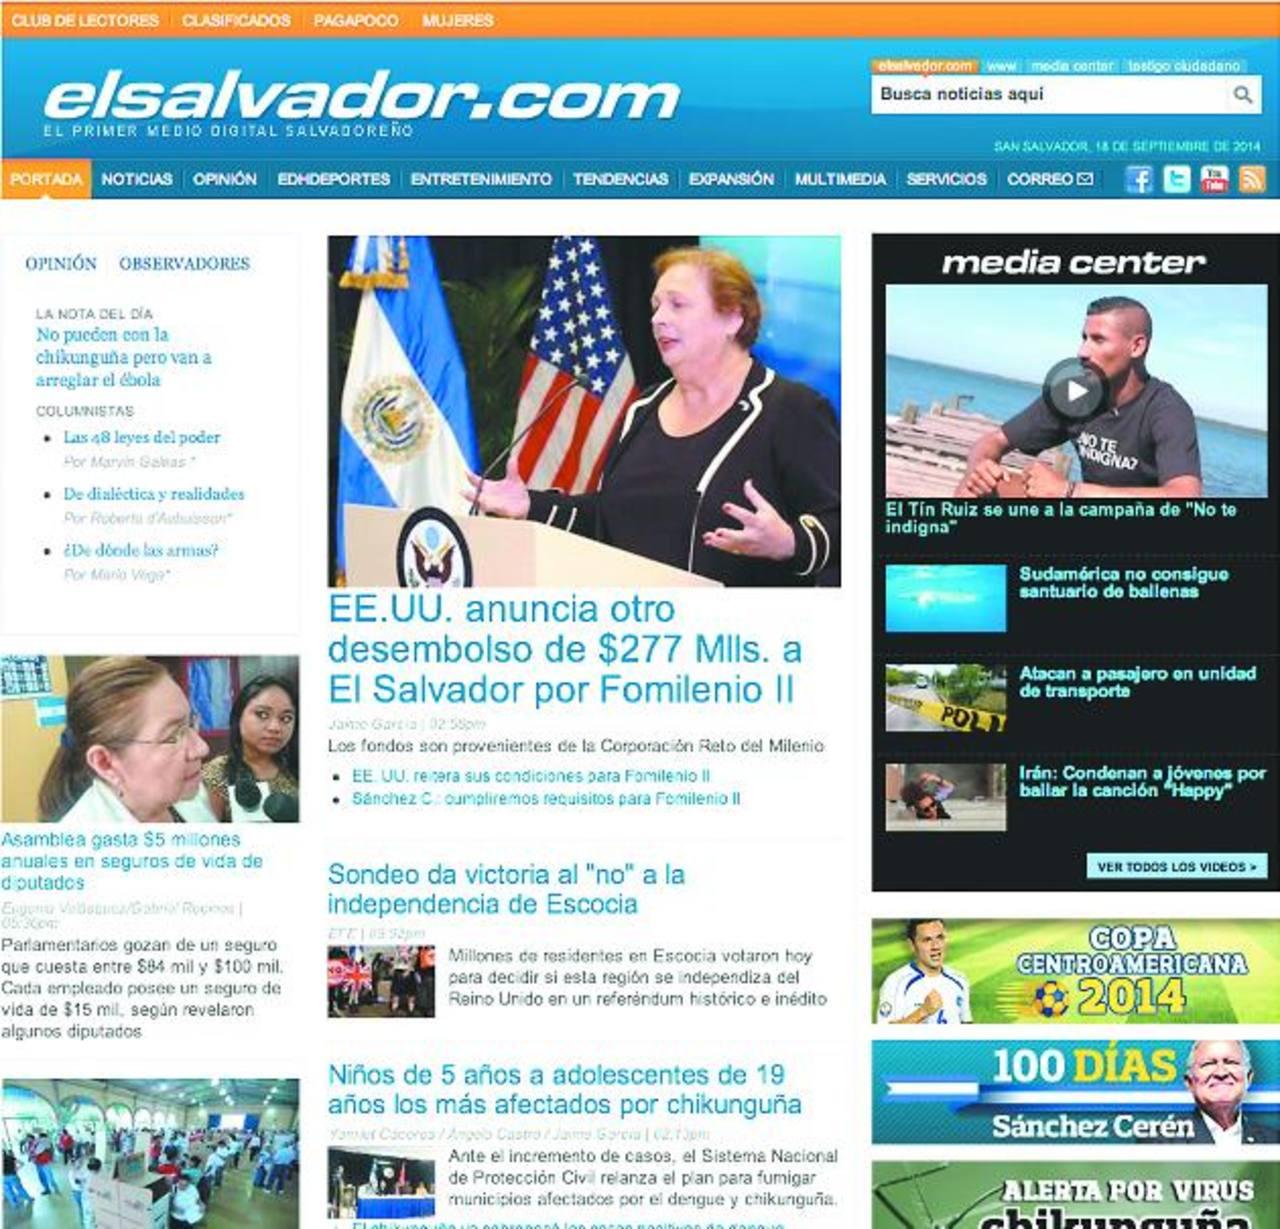 Elsalvador.com entre los mejores medios digitales de la región